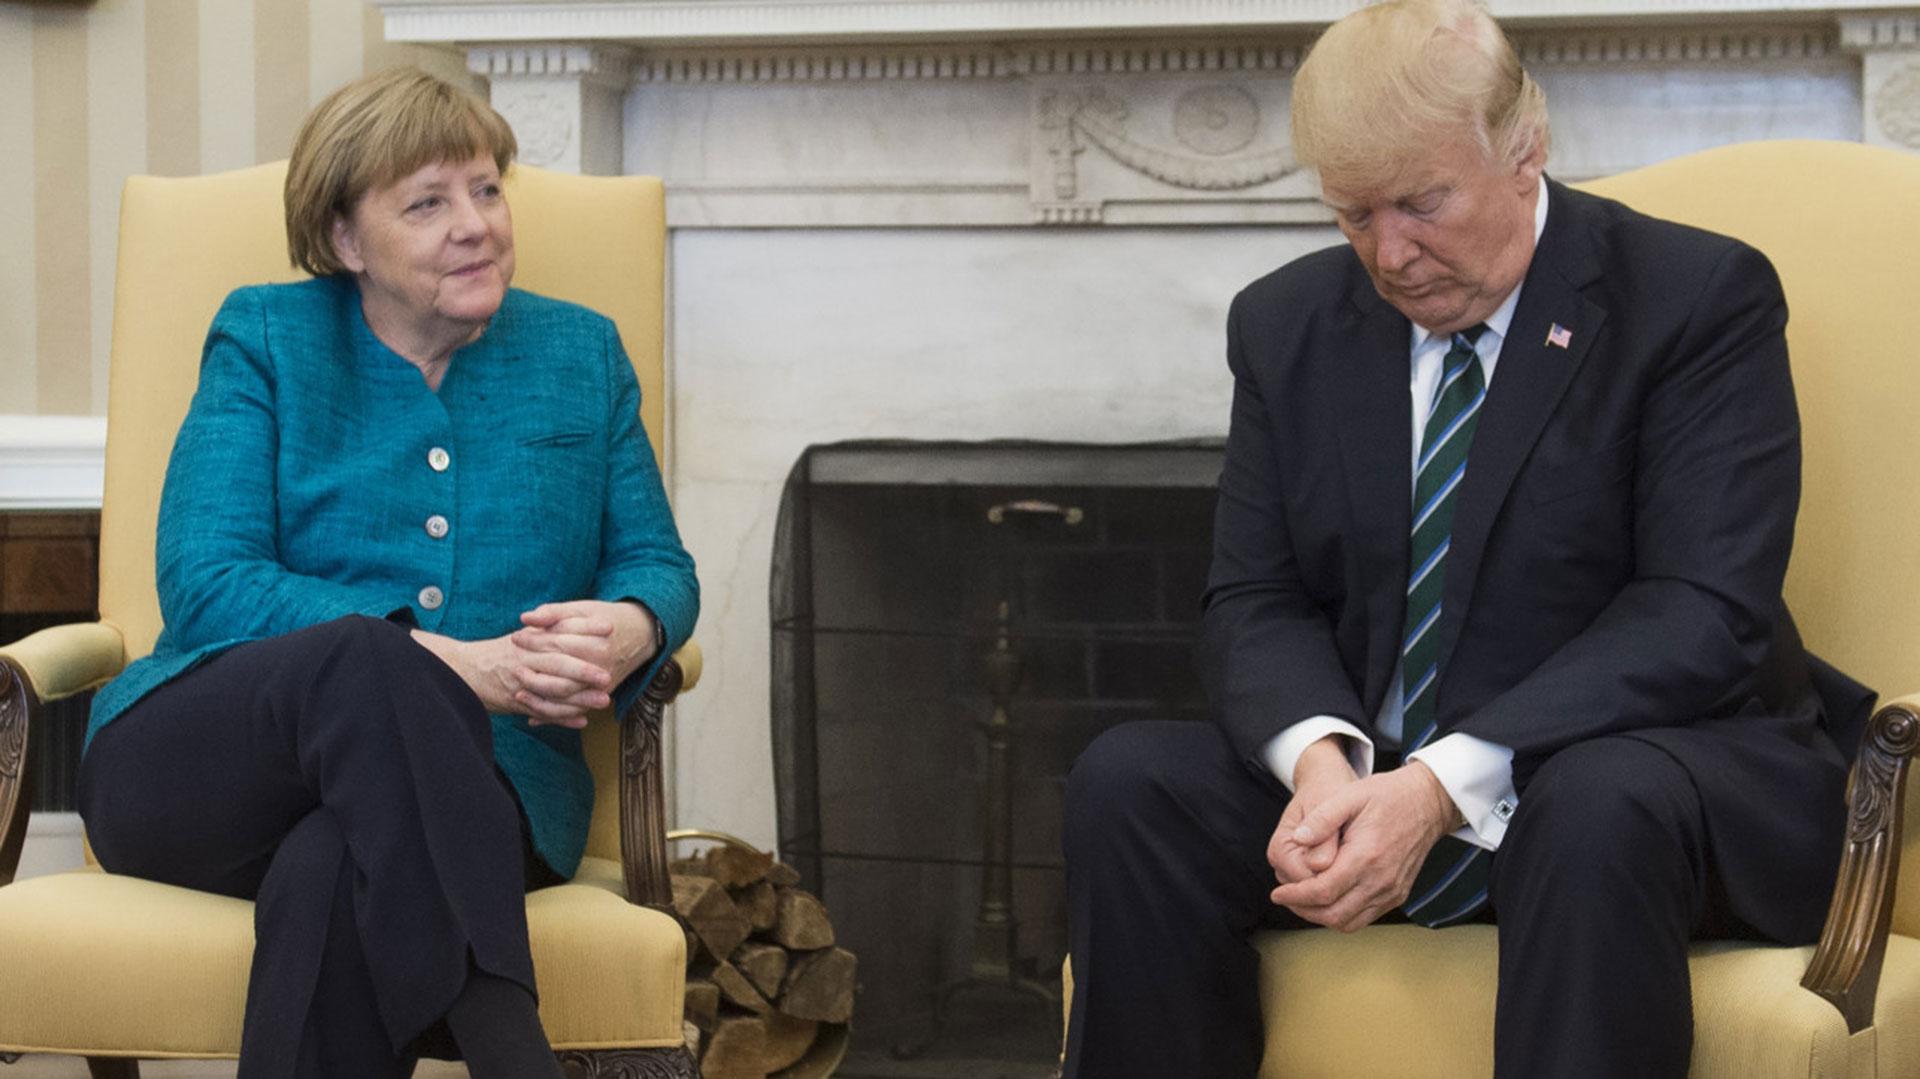 Merkel creyó que podía convencer a Trump de apostar a la lucha contra el cambio climático (Getty)